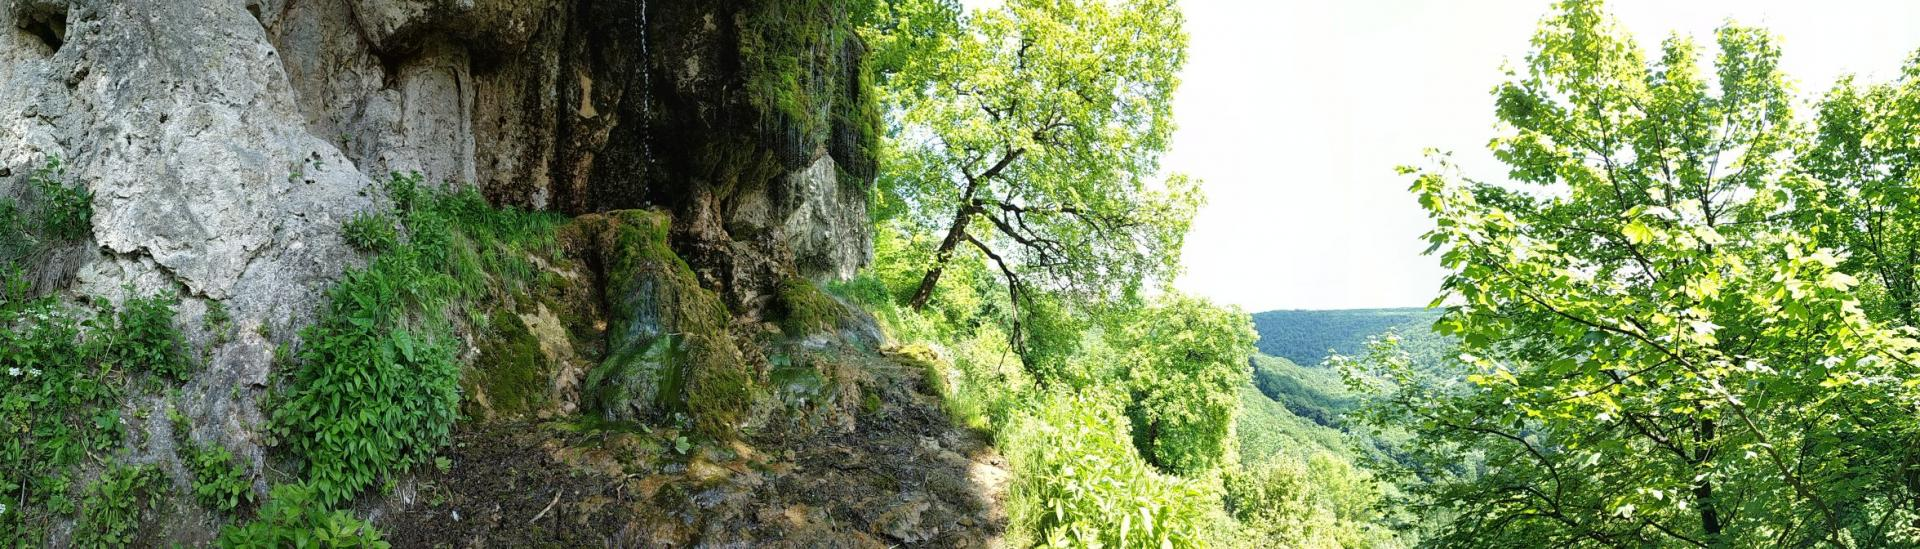 Водопад Девичьи слезы